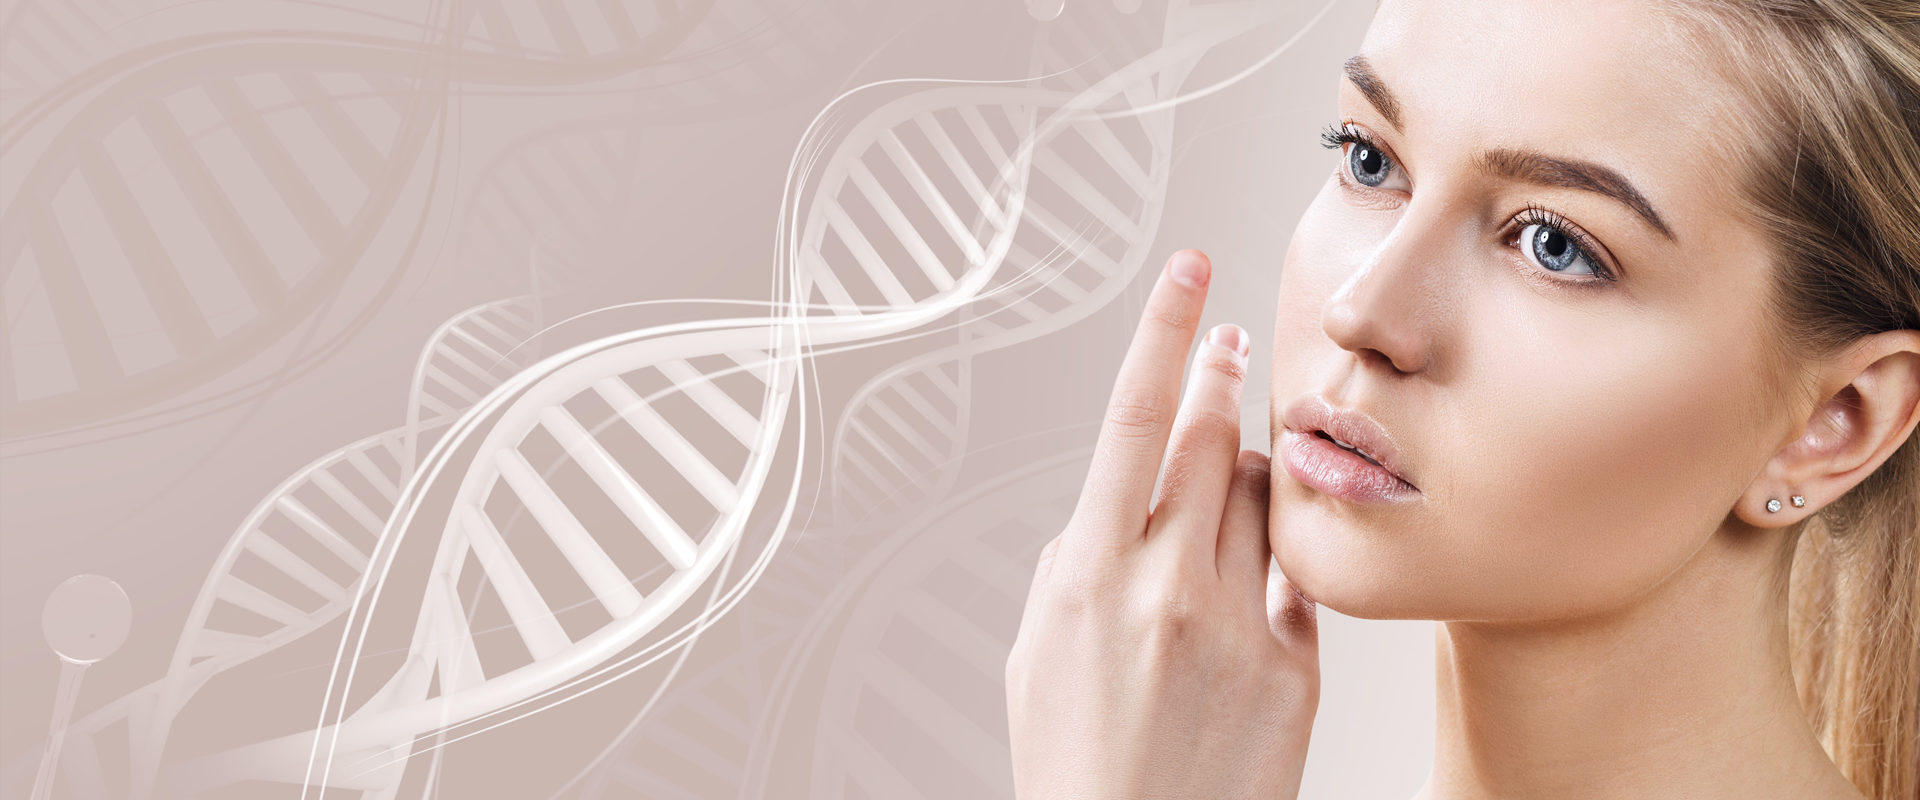 Portret kobiety z helisą DNA w tle